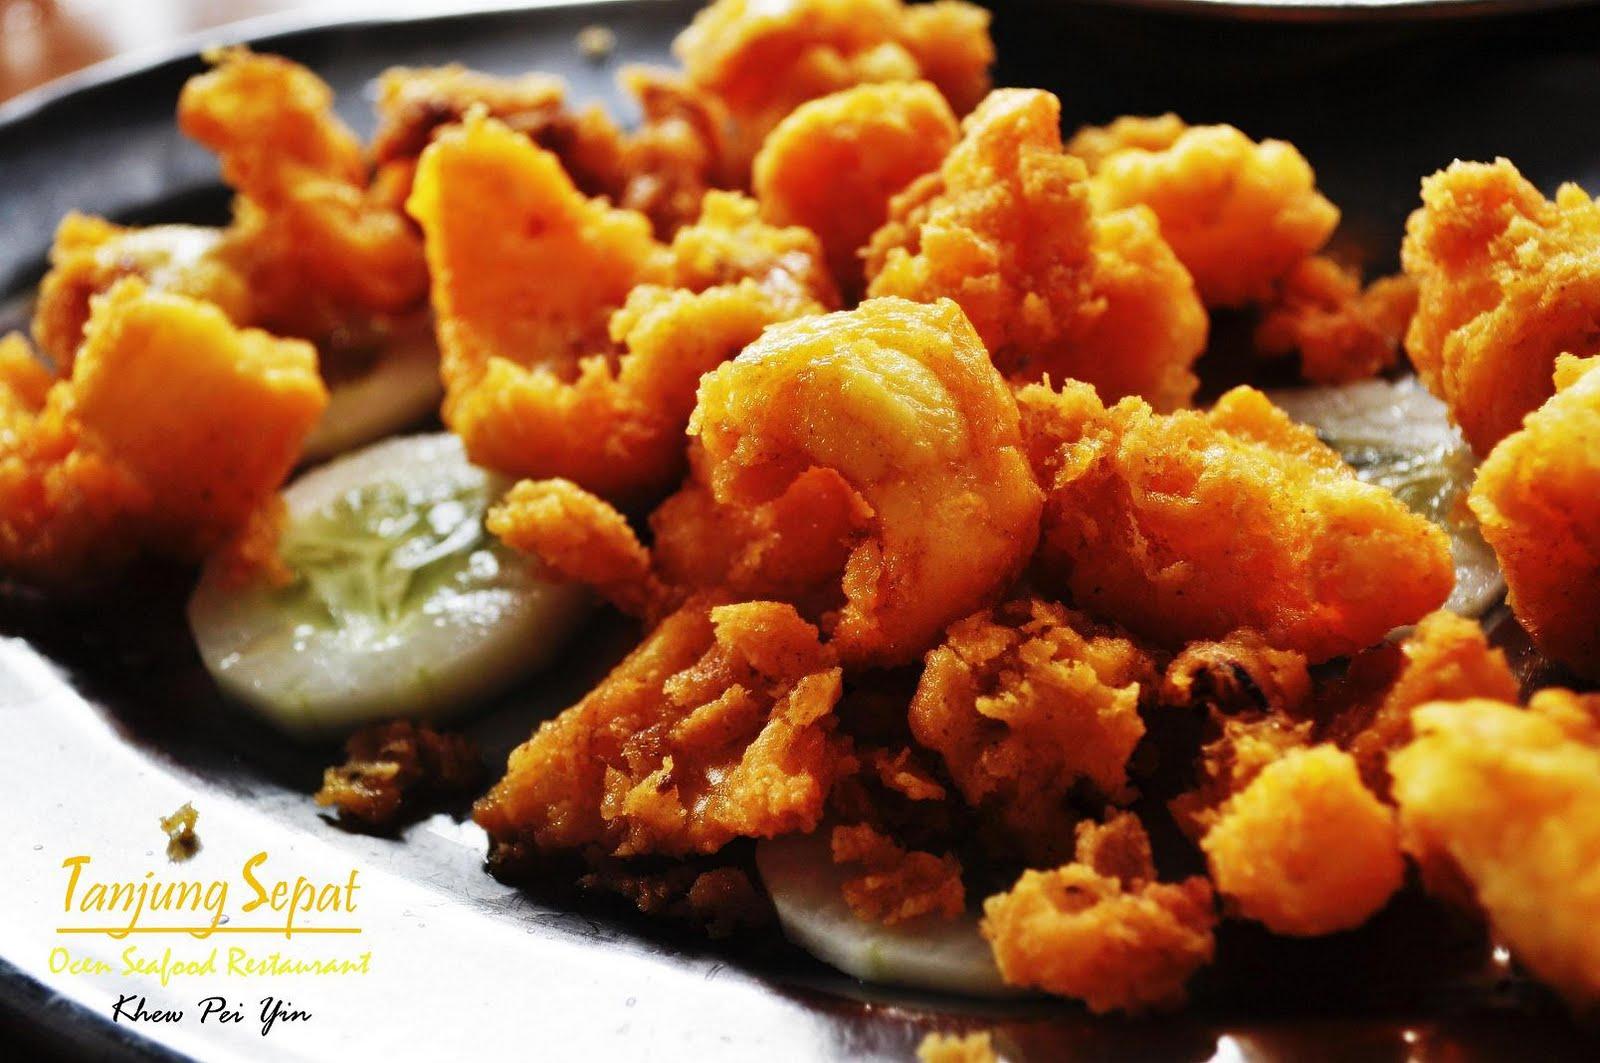 Tanjung Sepat Seafood Restaurant